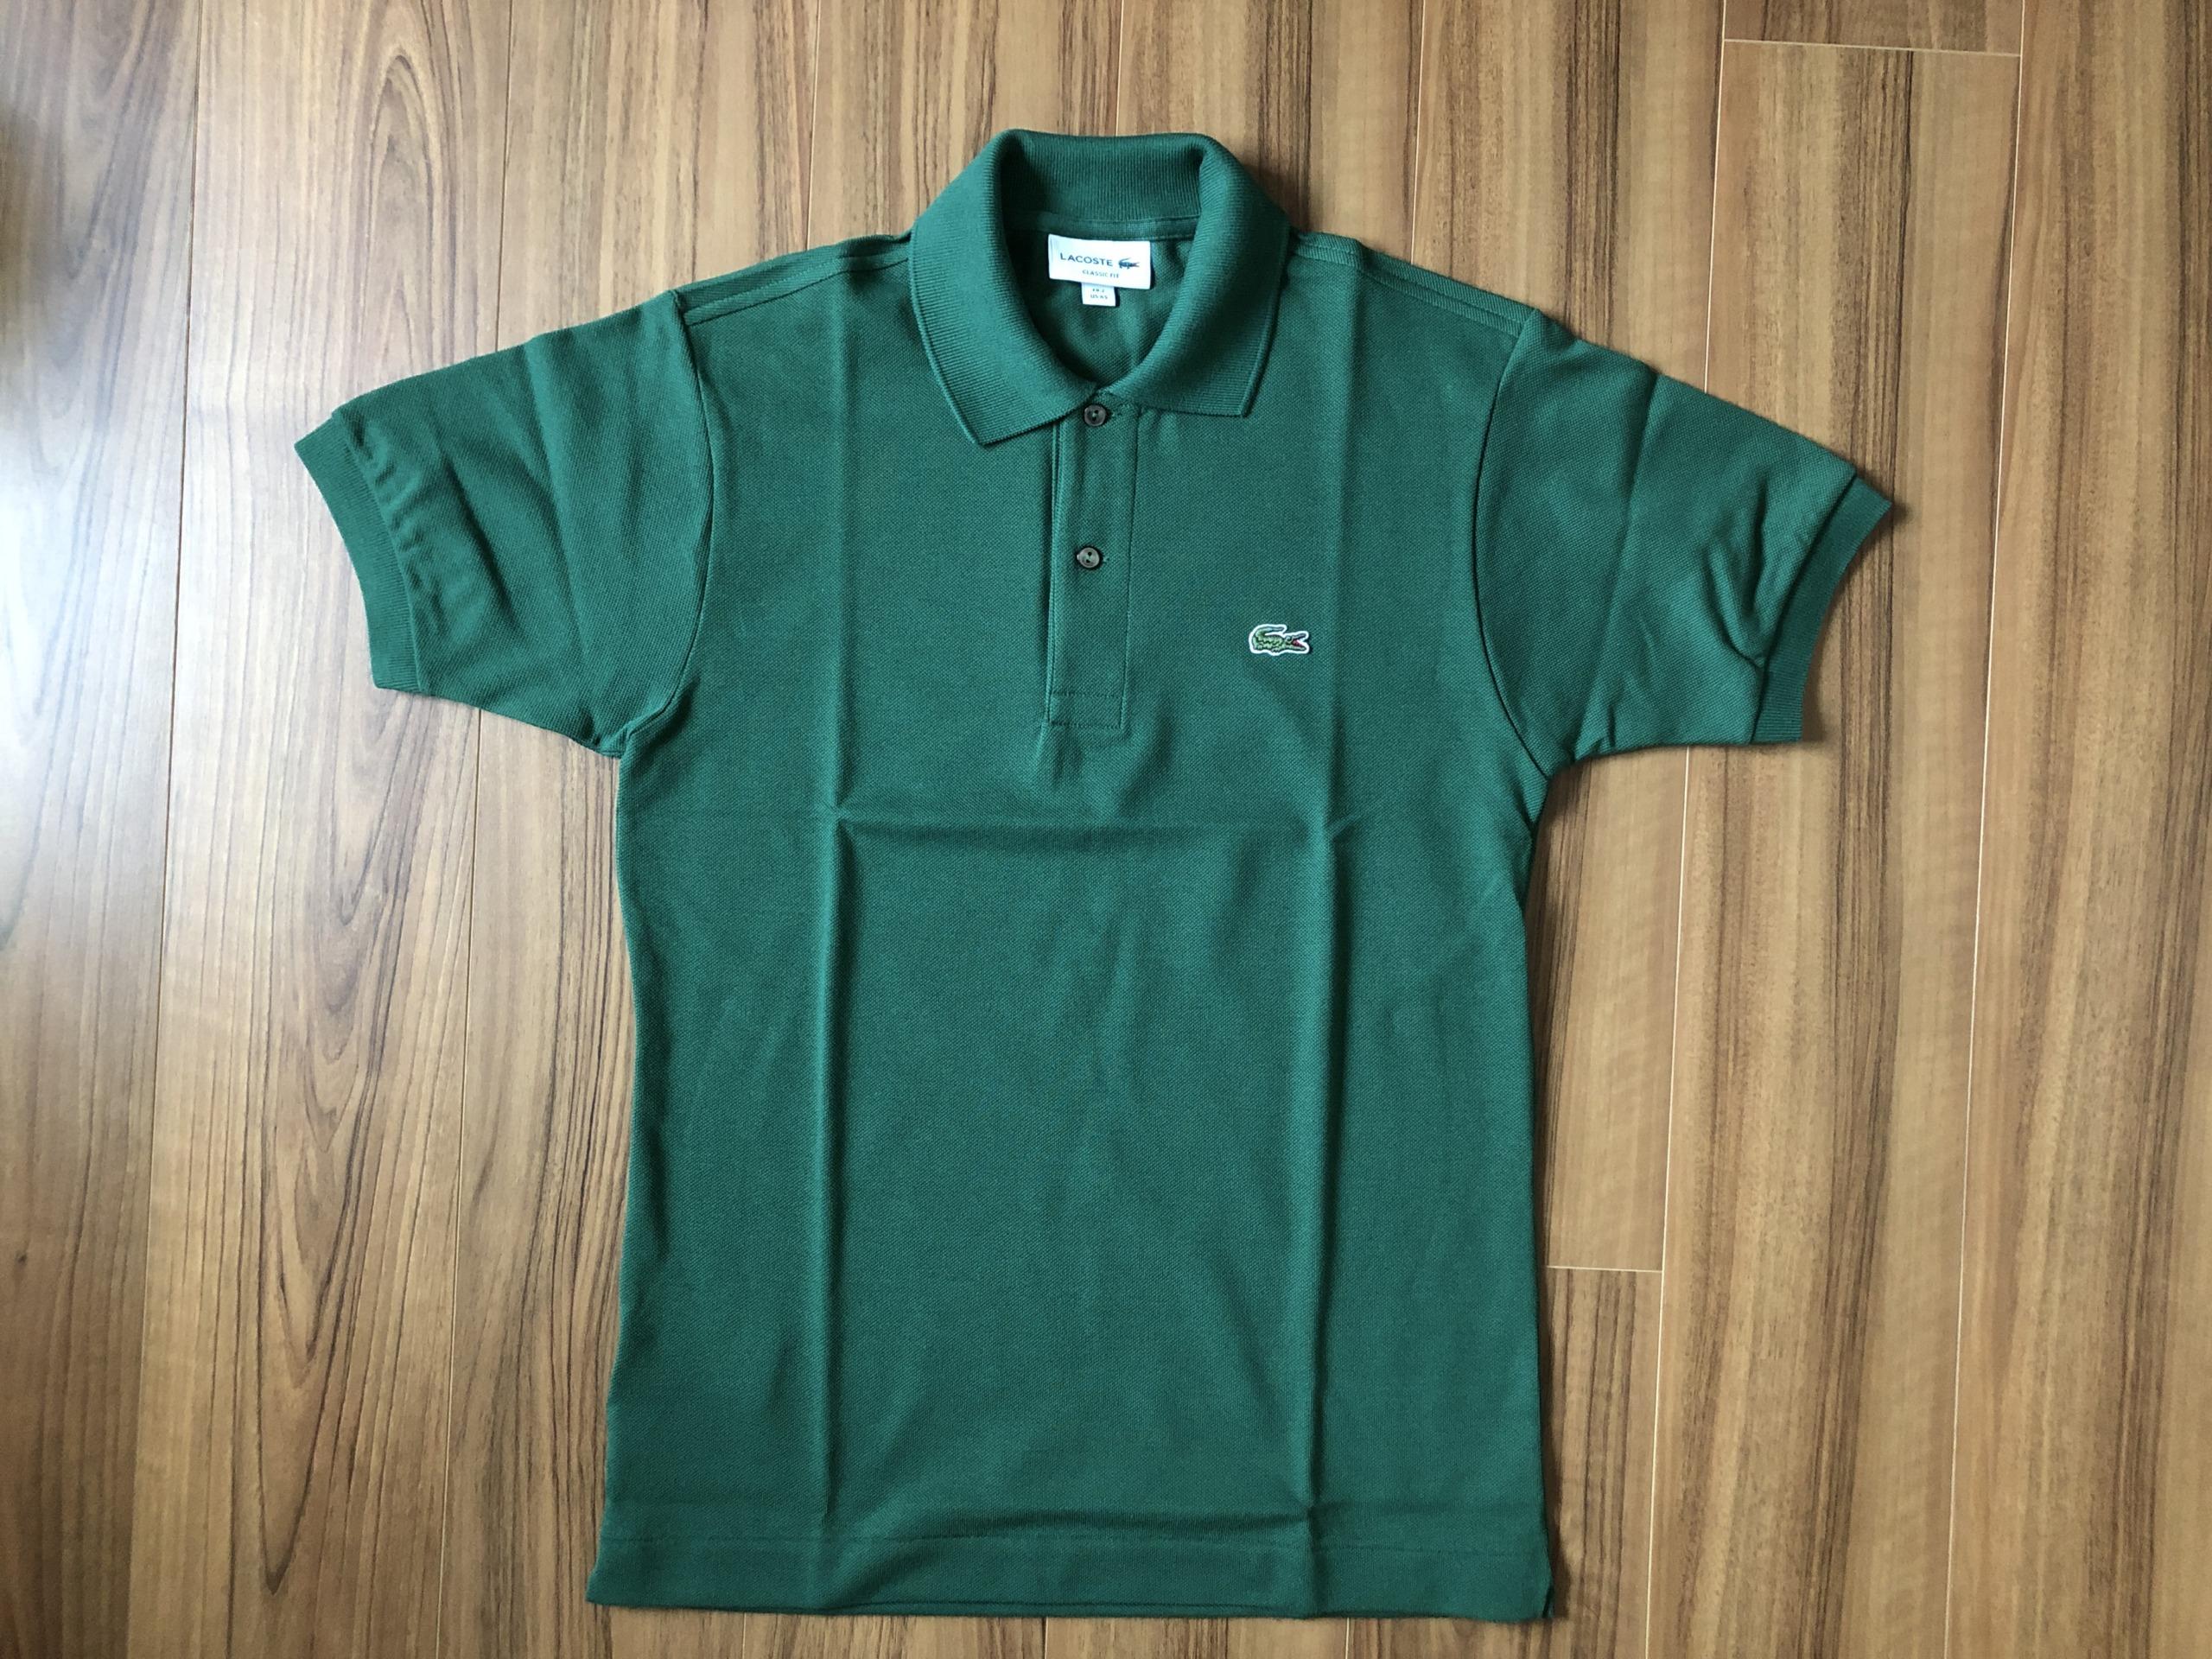 ラコステ フララコ(LACOSTE L1212)ポロシャツ ヴェール グリーン 全体観